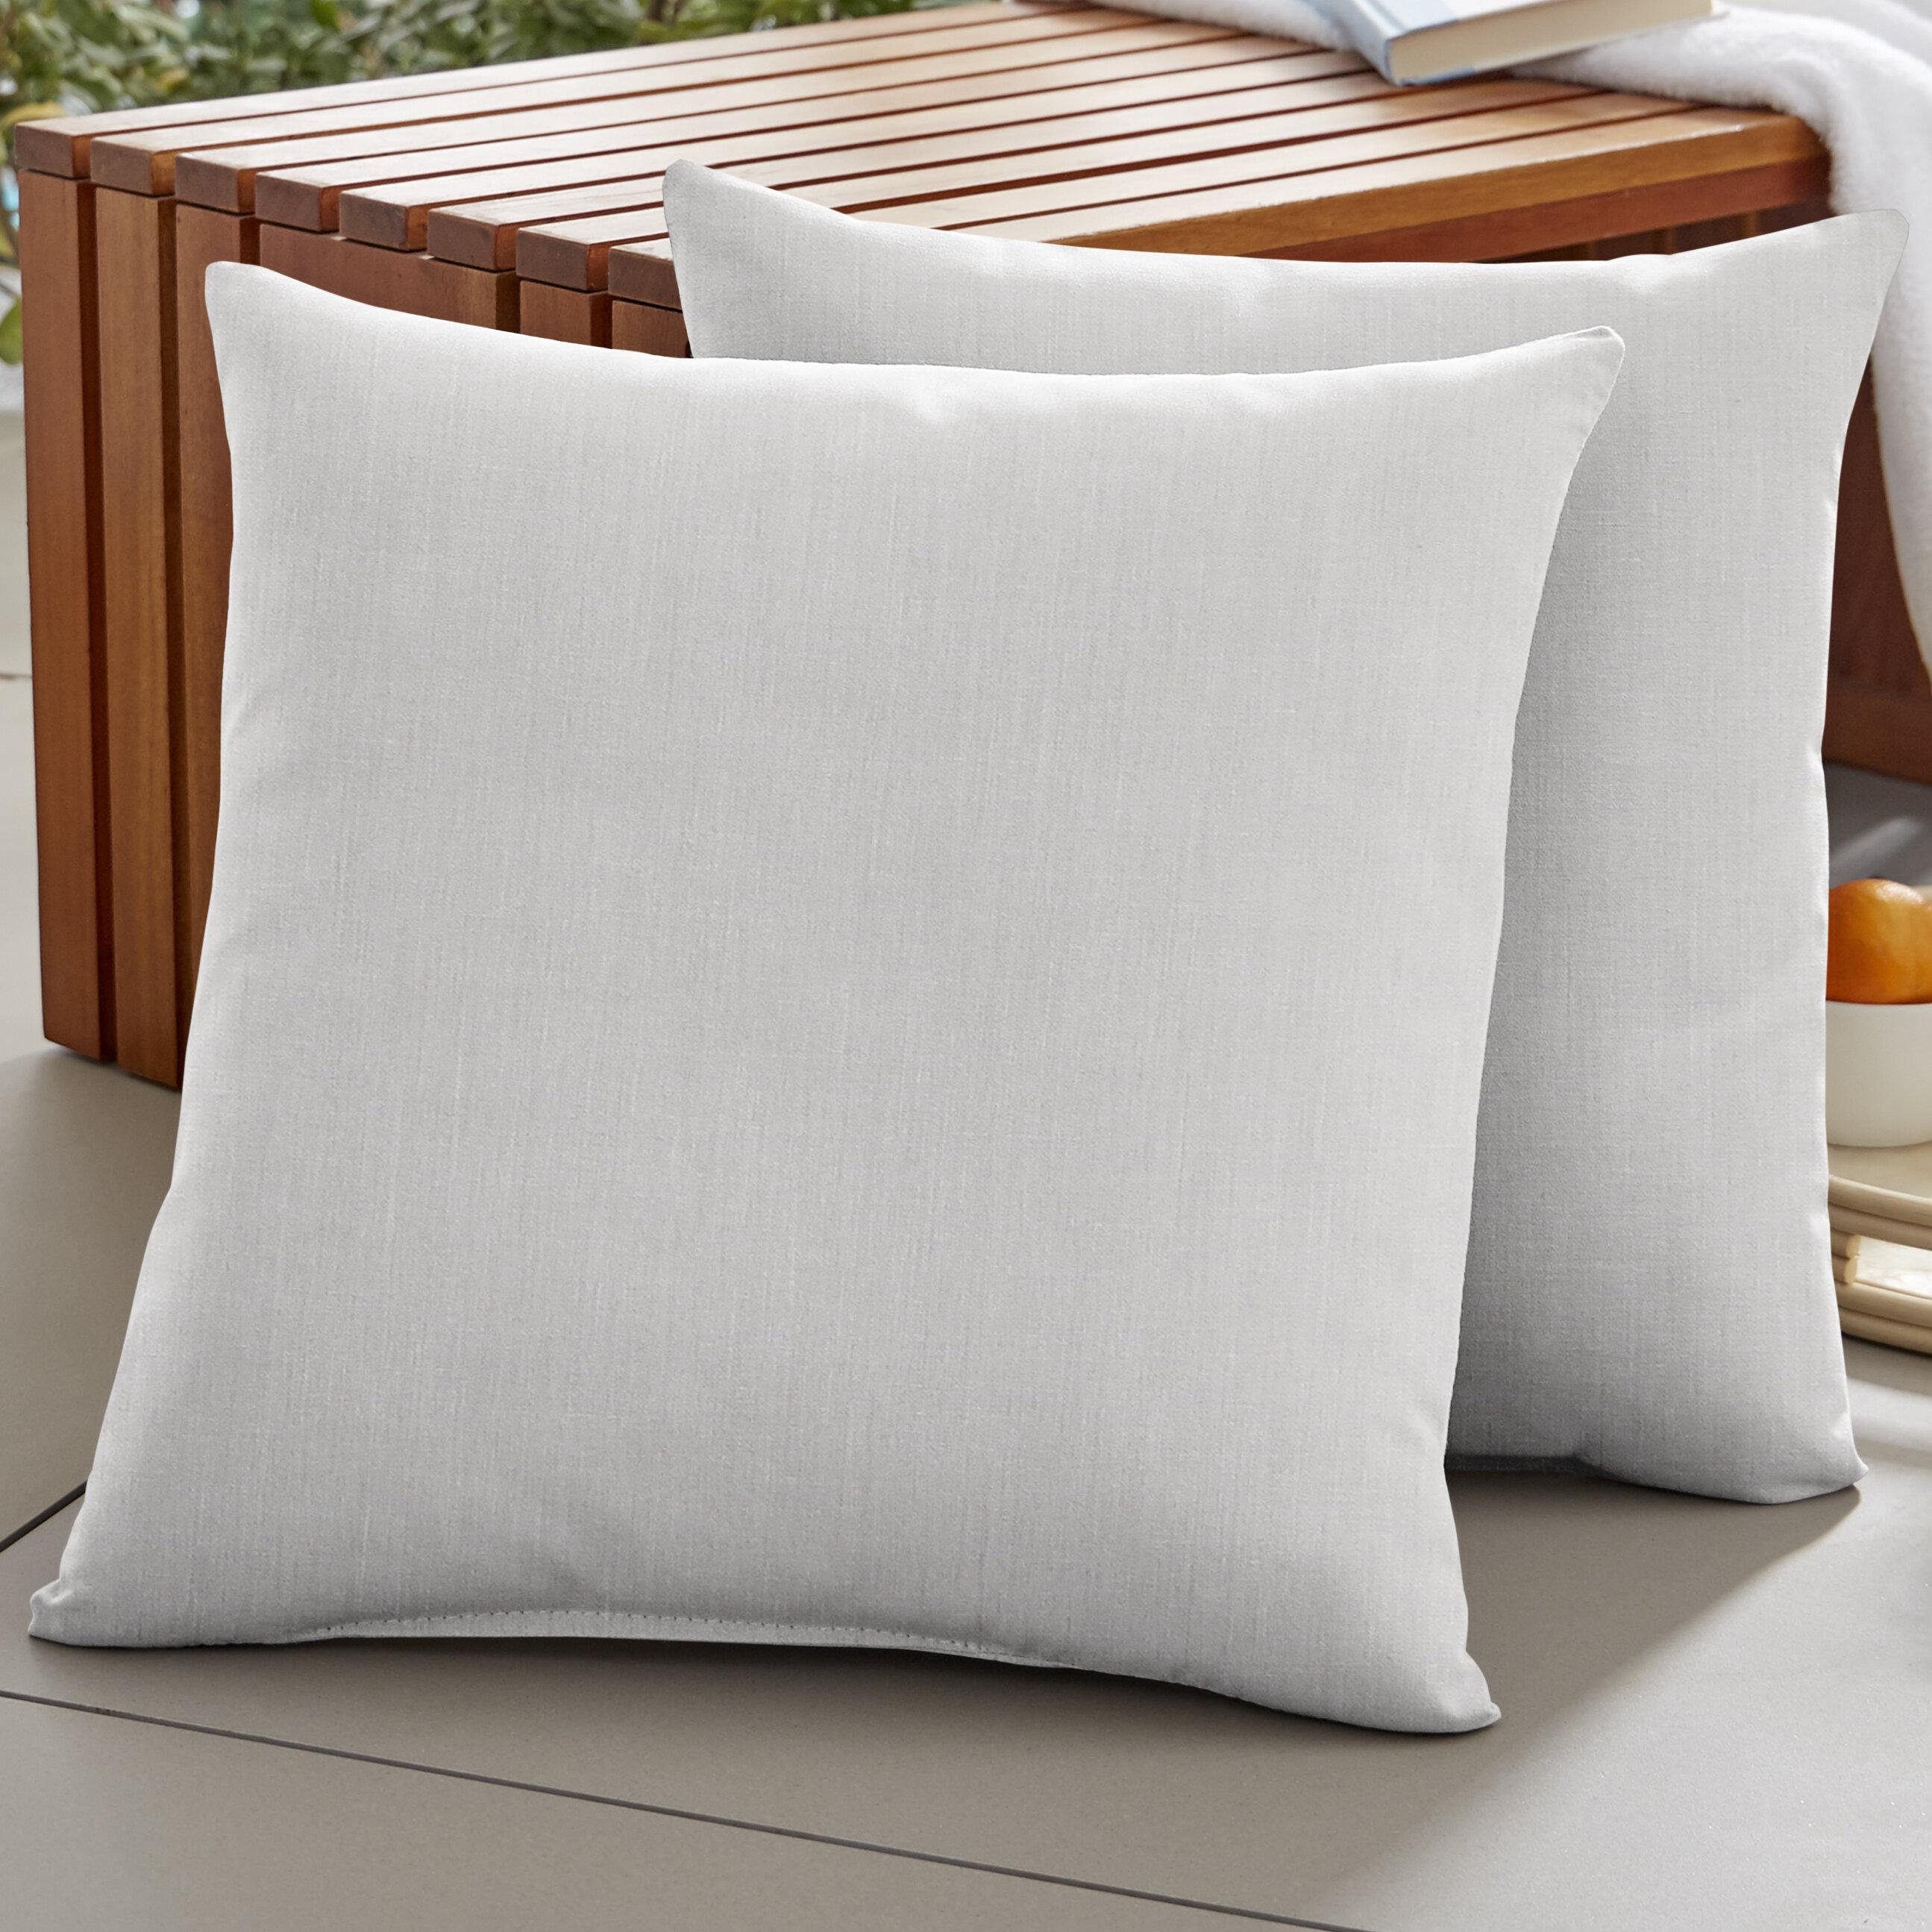 20 Square Sunbrella Throw Pillows You Ll Love In 2021 Wayfair